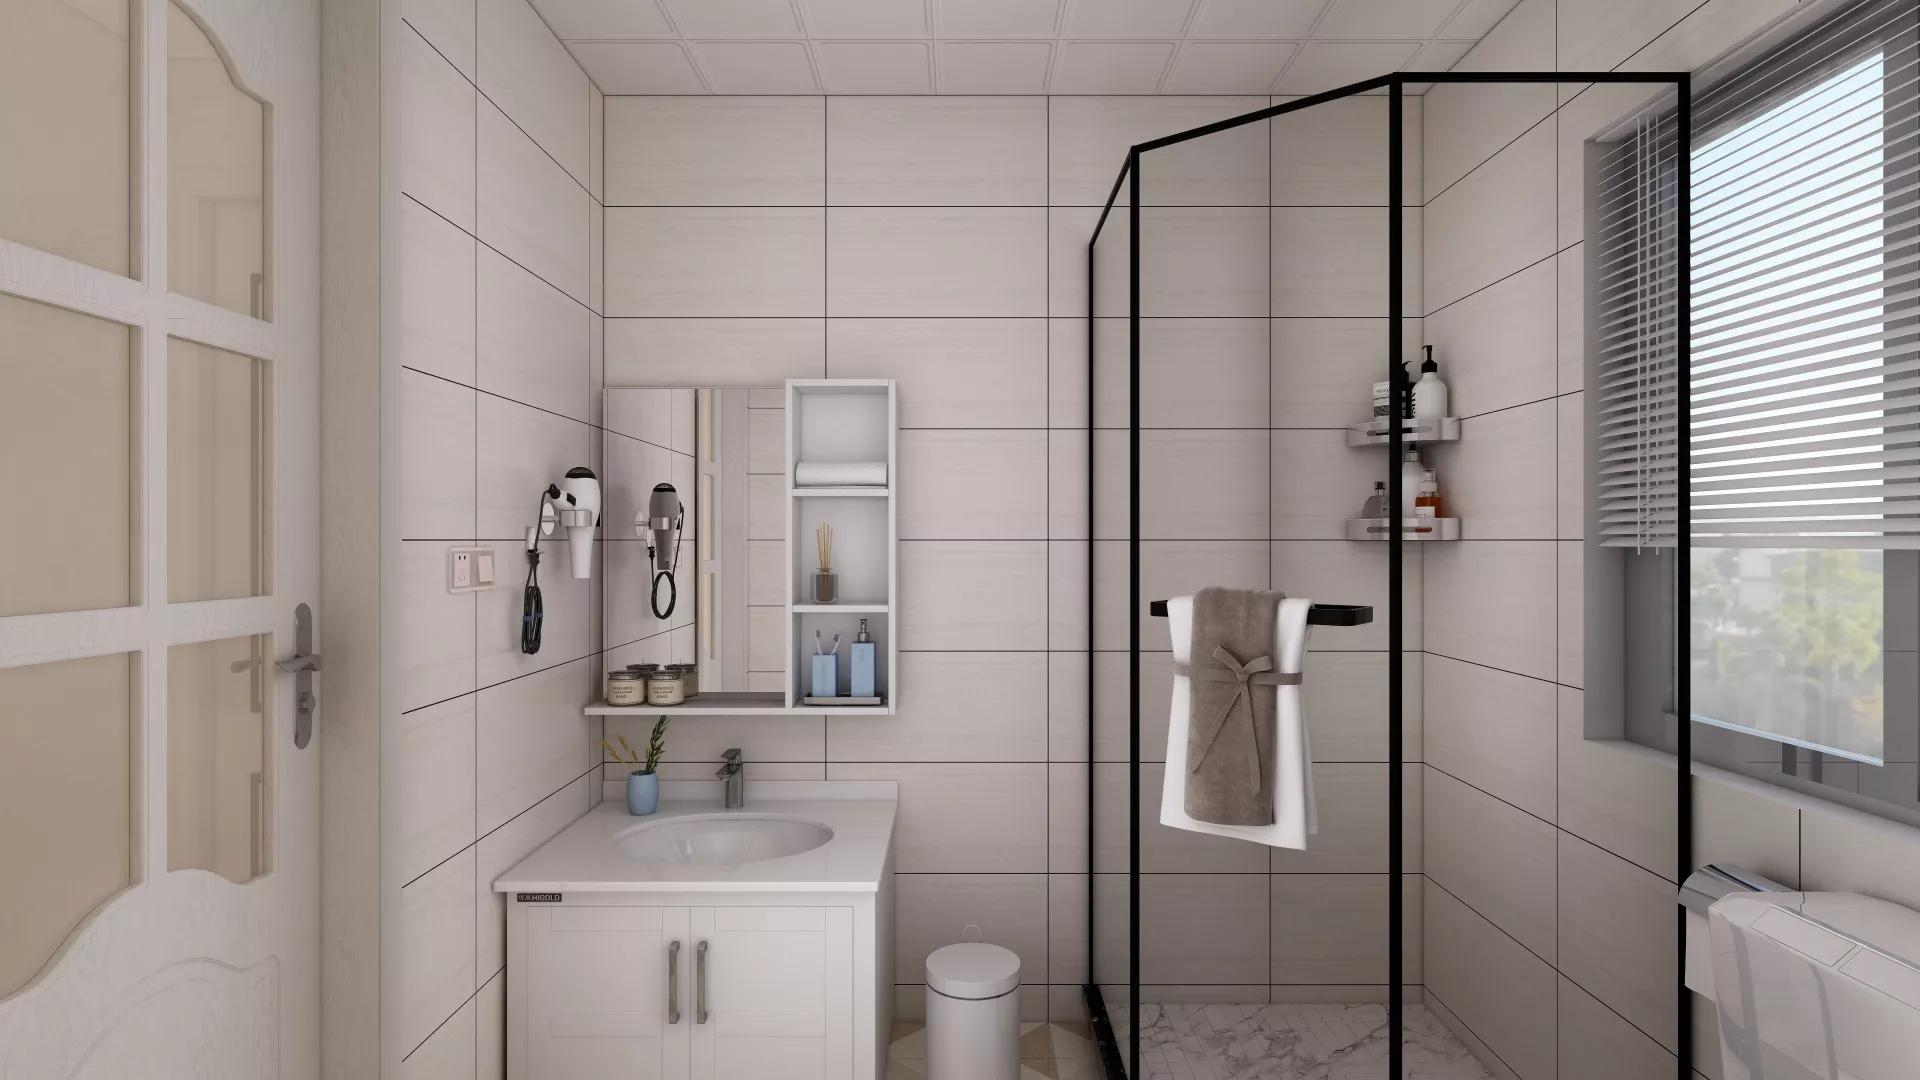 二居室简约美式风格家居装修效果图